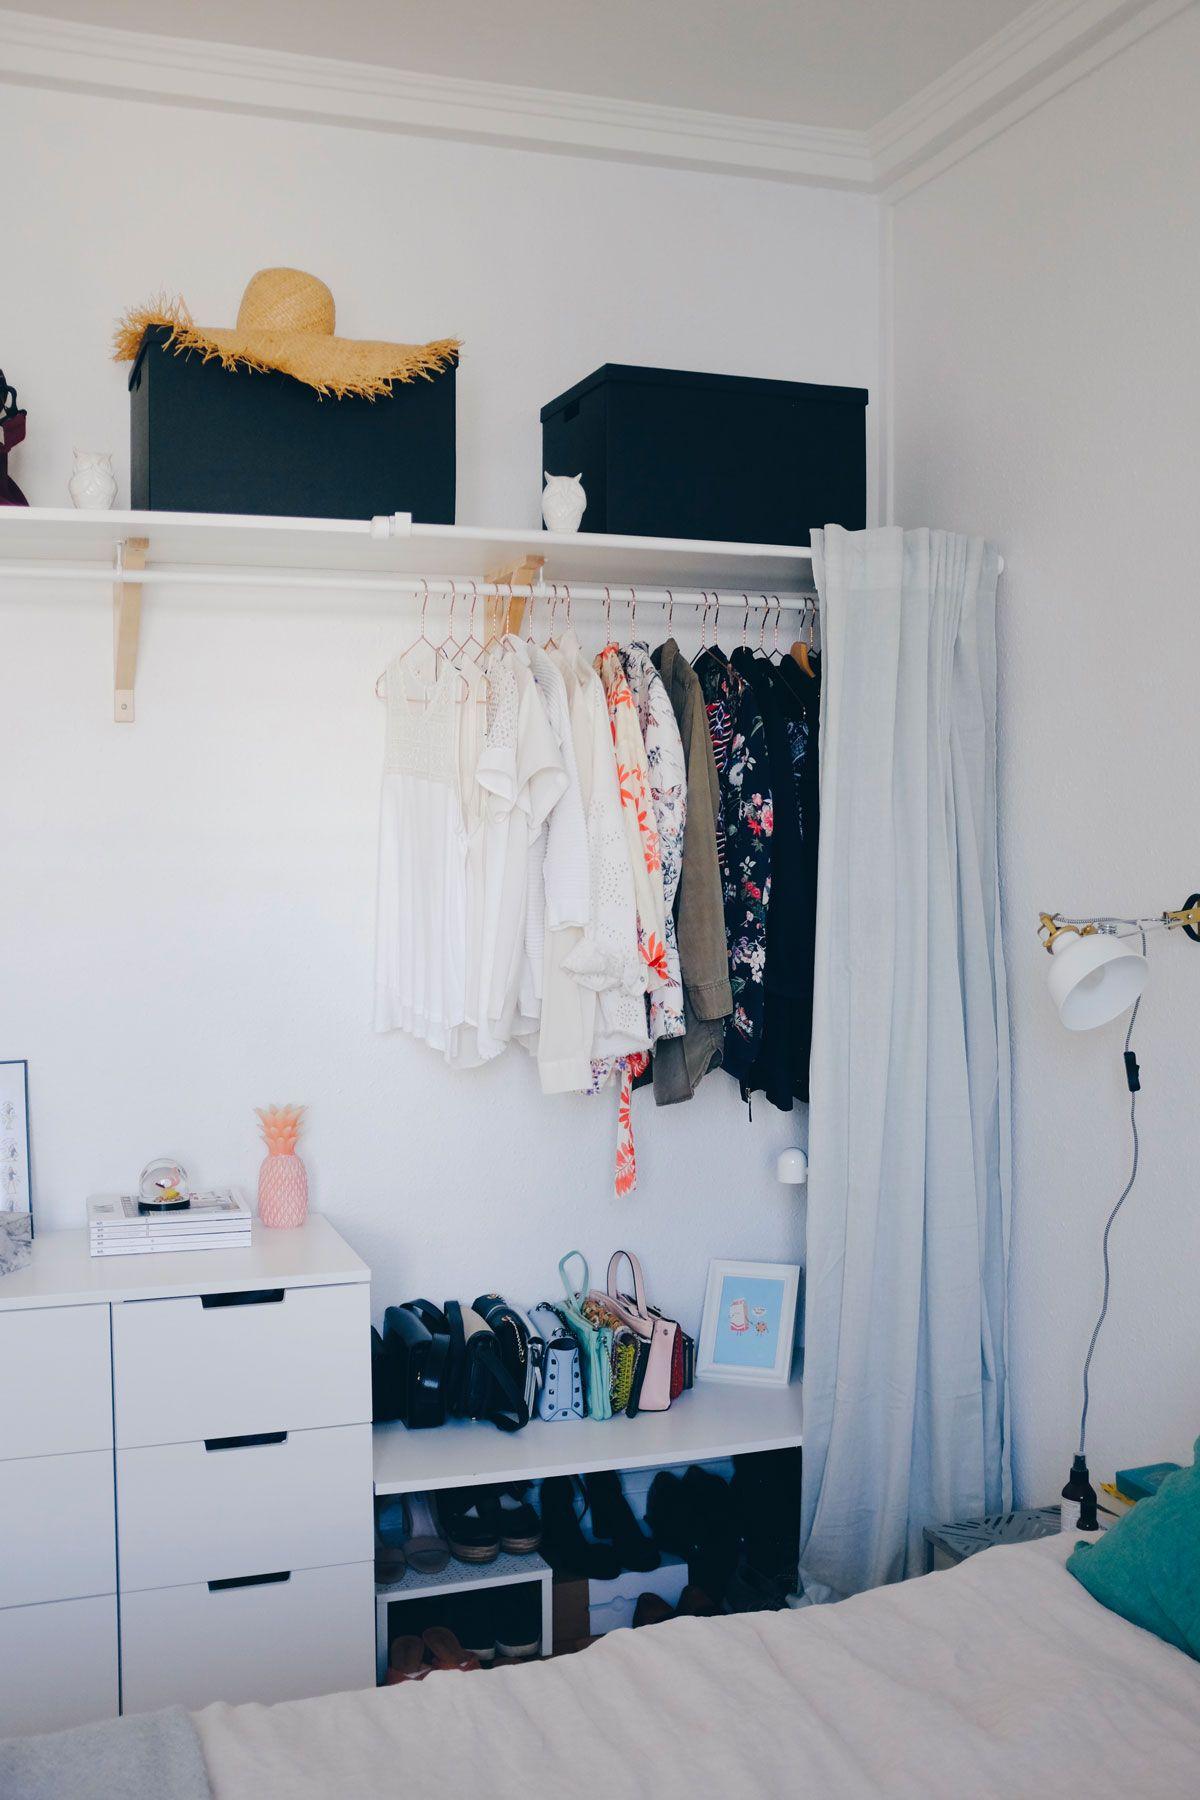 Creating Extra Bedroom Storage Space With This Open Wardrobe Diy The Gem Picker Diy Wardrobe Bedroom Diy Open Wardrobe